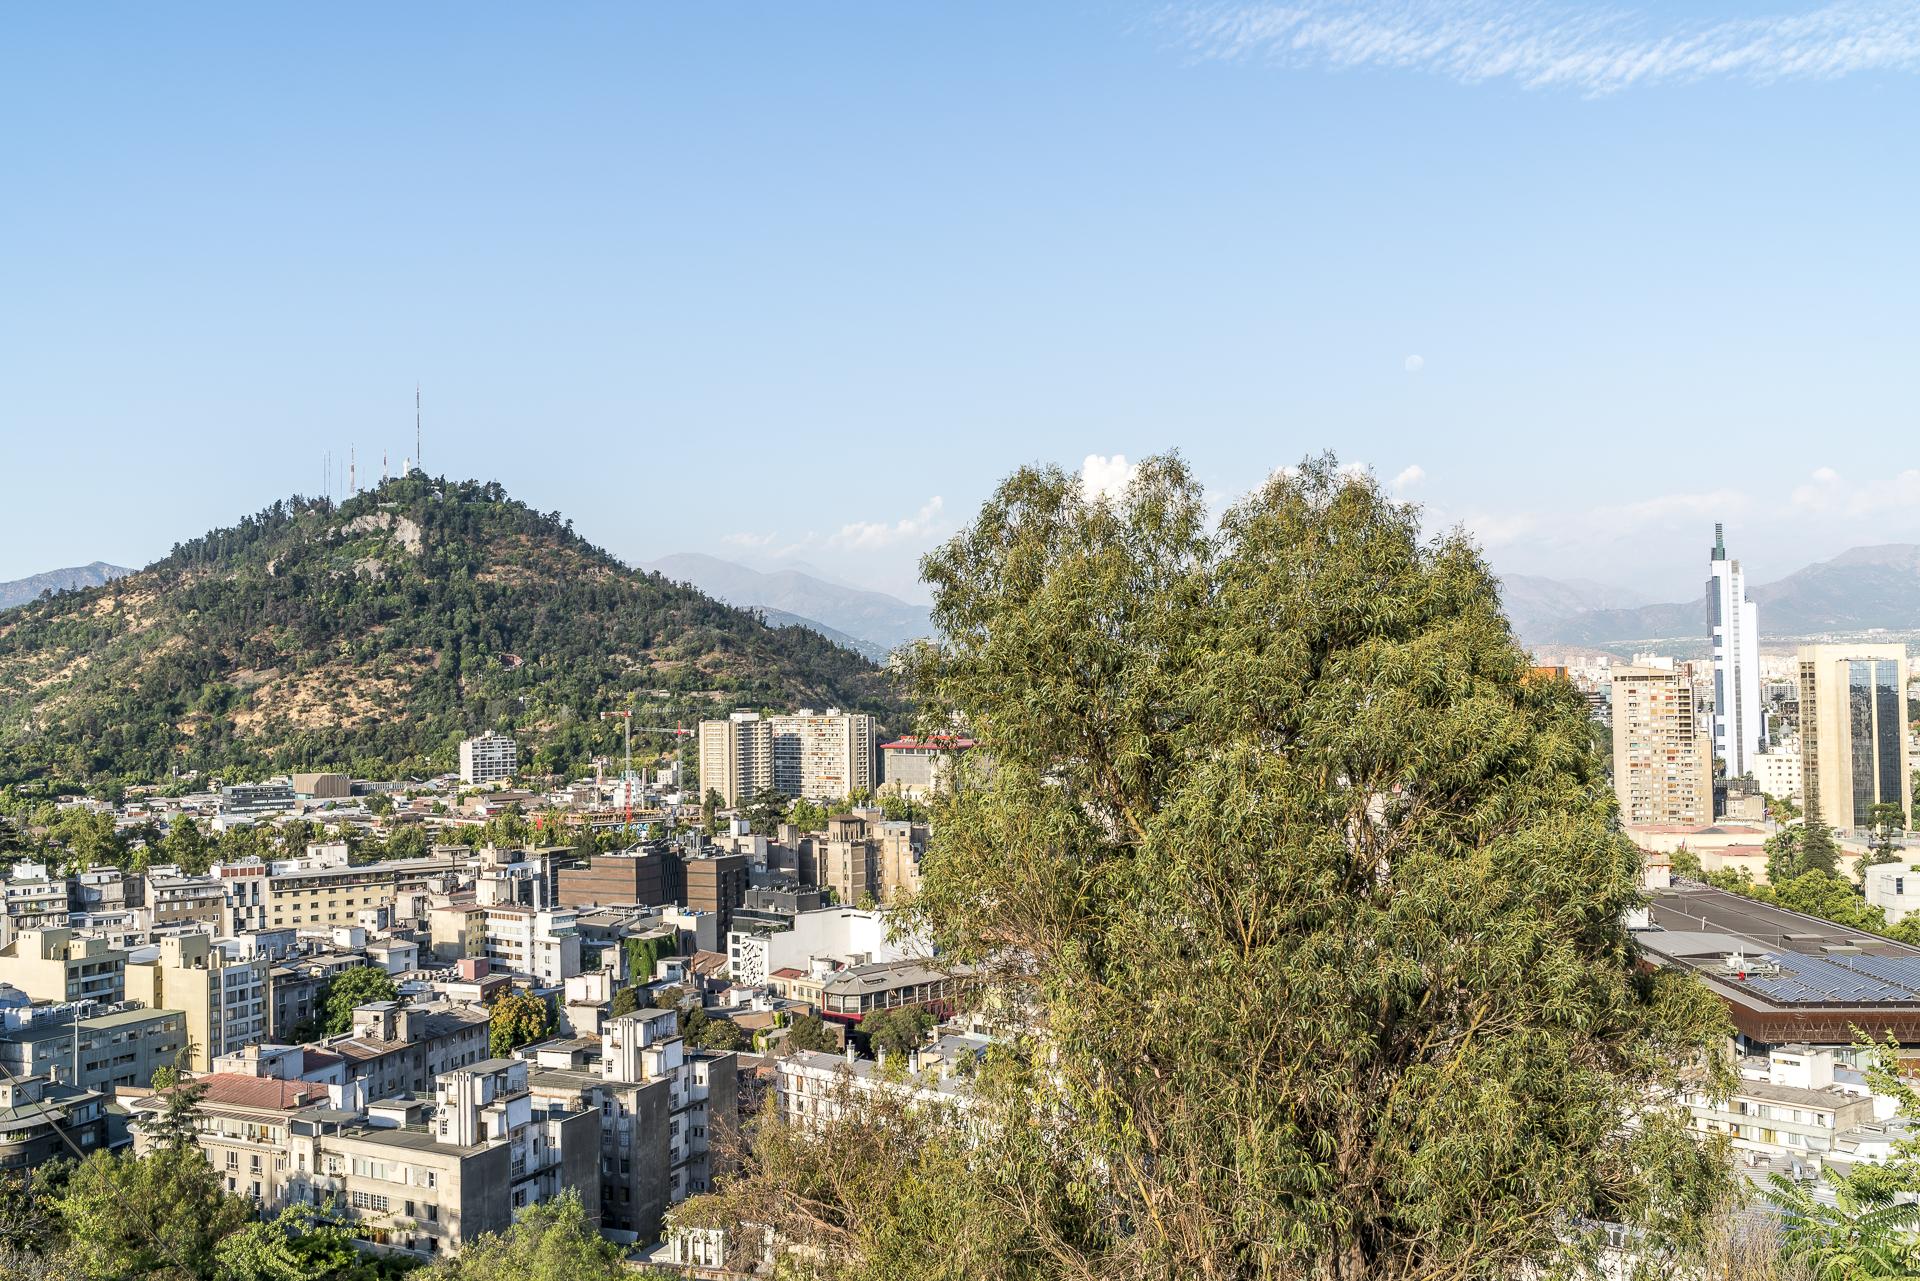 Cerro San Cristobal Santiago de Chile